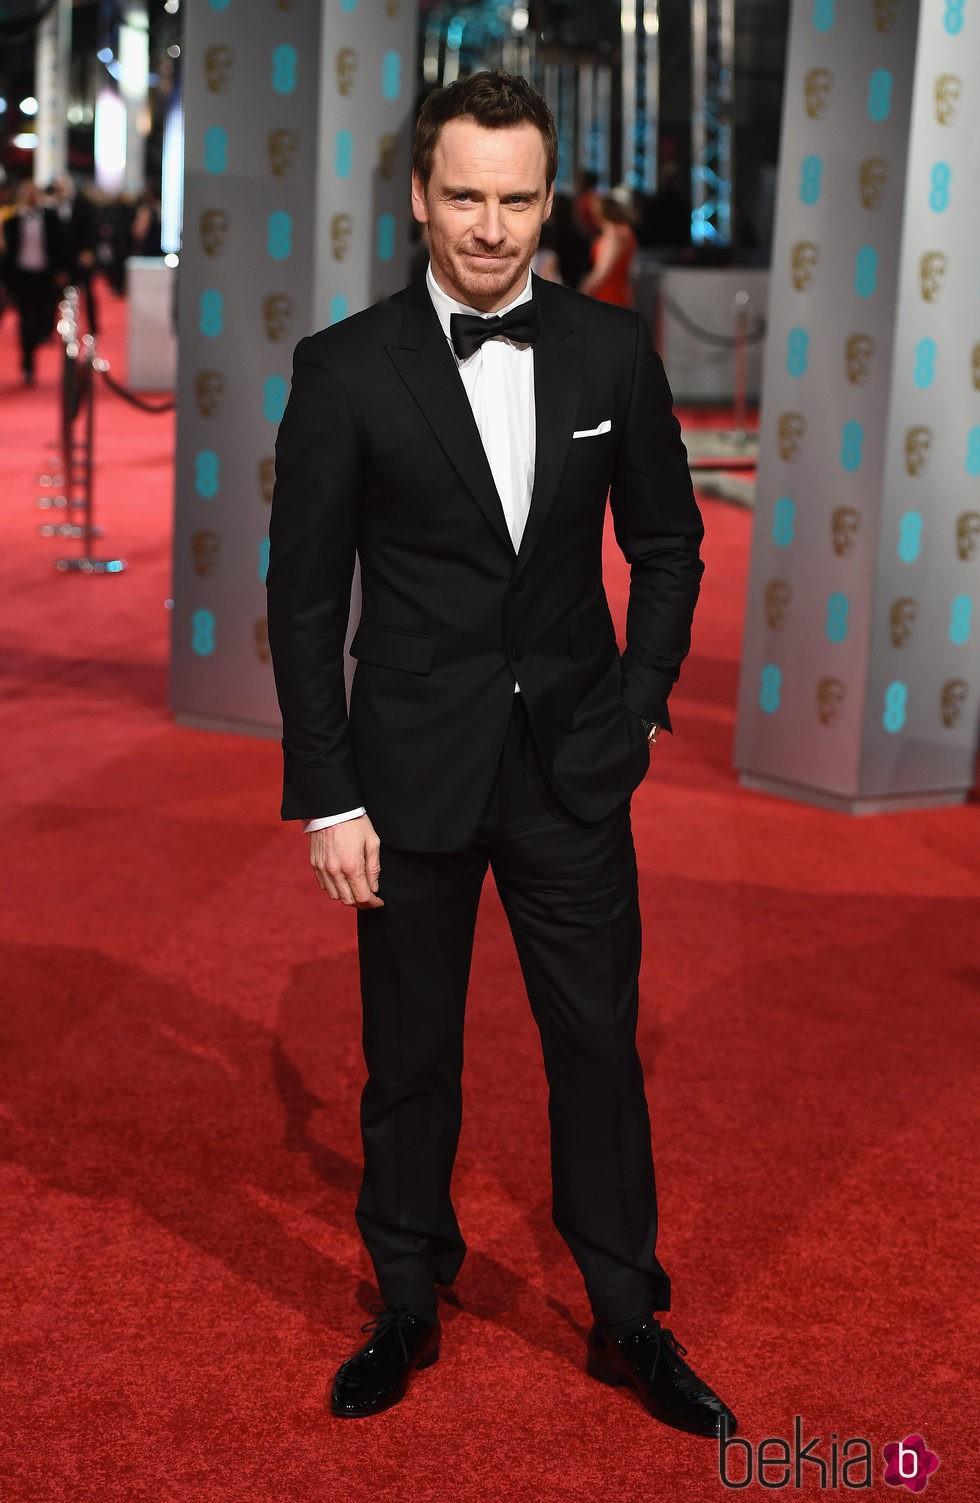 Michael Fassbender en la alfombra roja de los BAFTA 2016